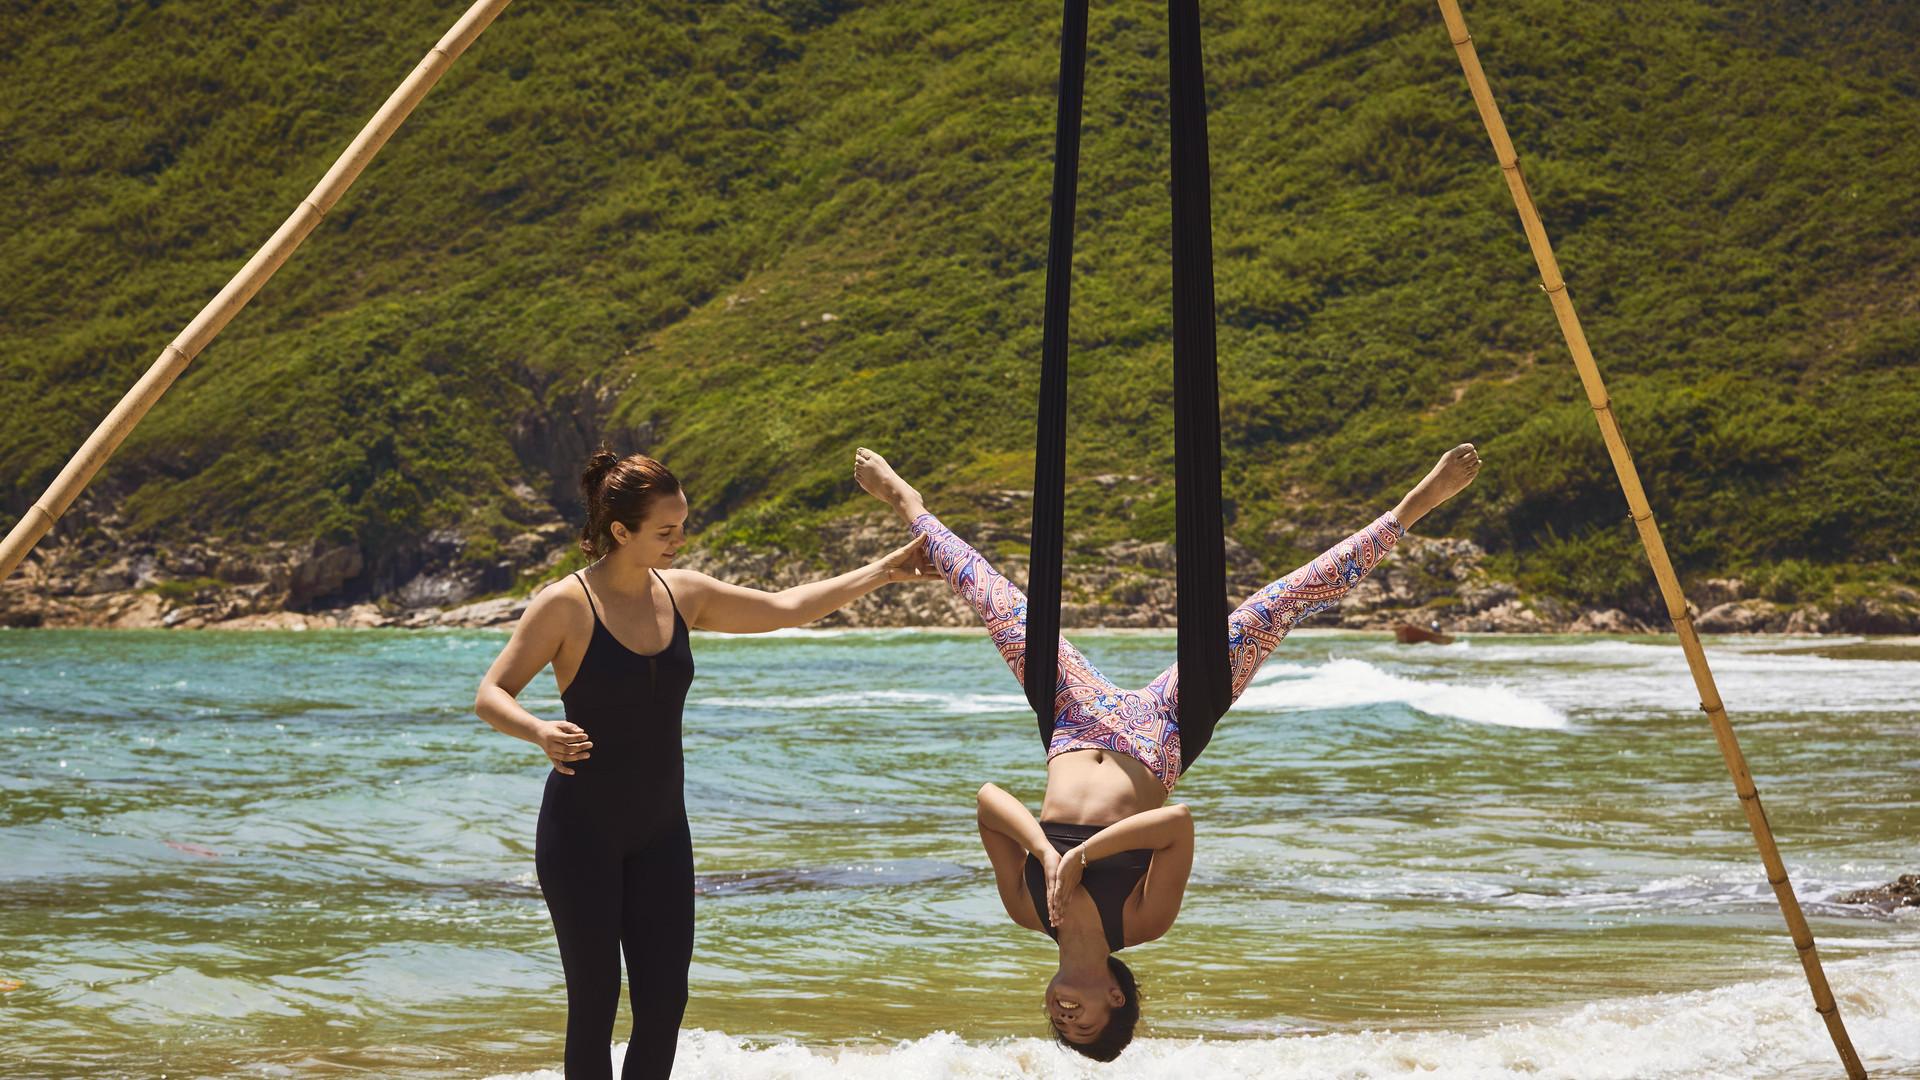 170529_aleks_yoga_Xcalibrephotohk 67.jpg